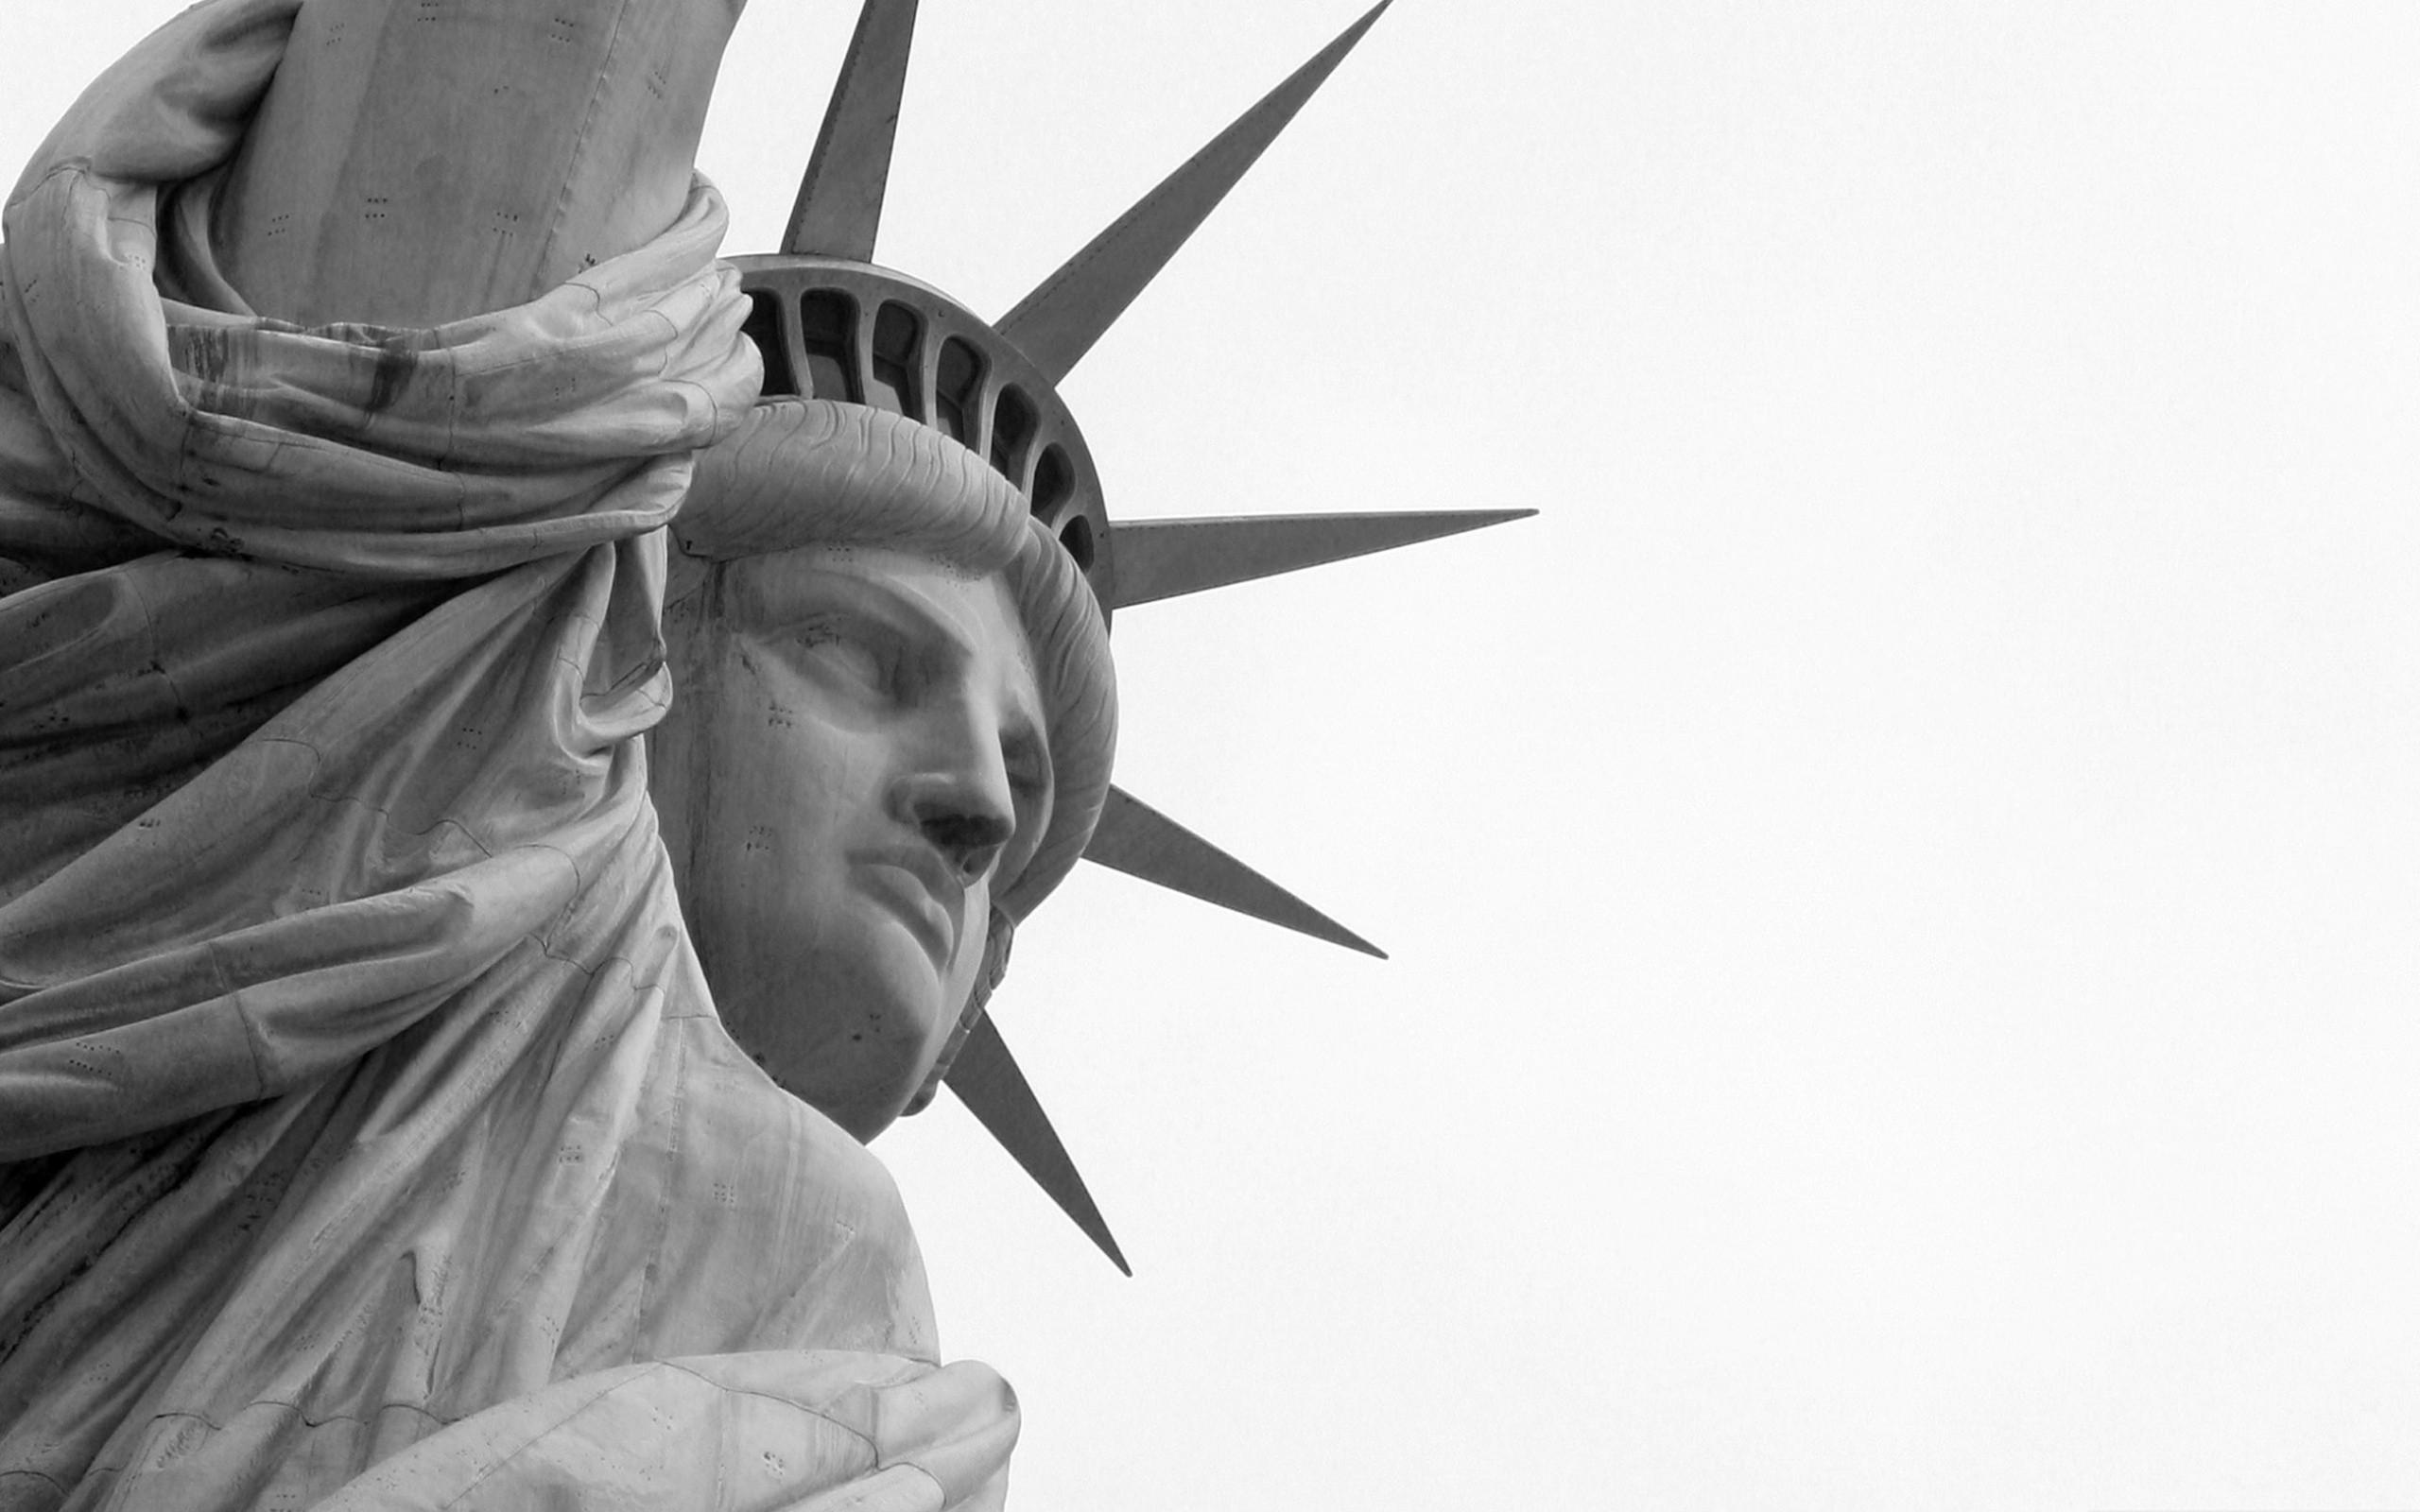 Estatua de la Libertad 2 - 2560x1600